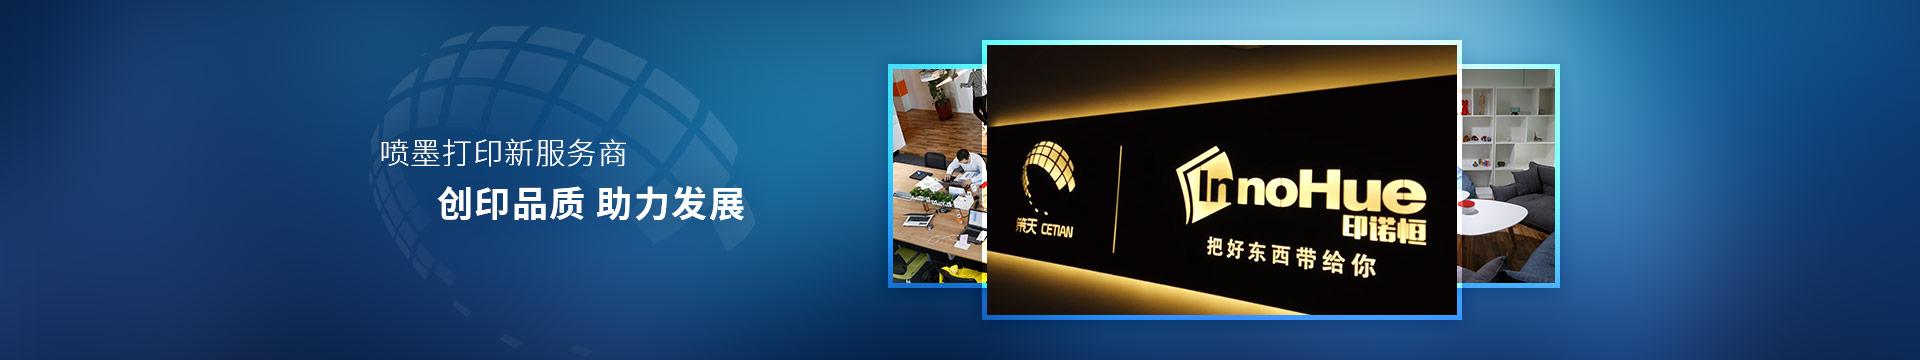 上海策天-喷墨打印新服务商,创印品质助力发展